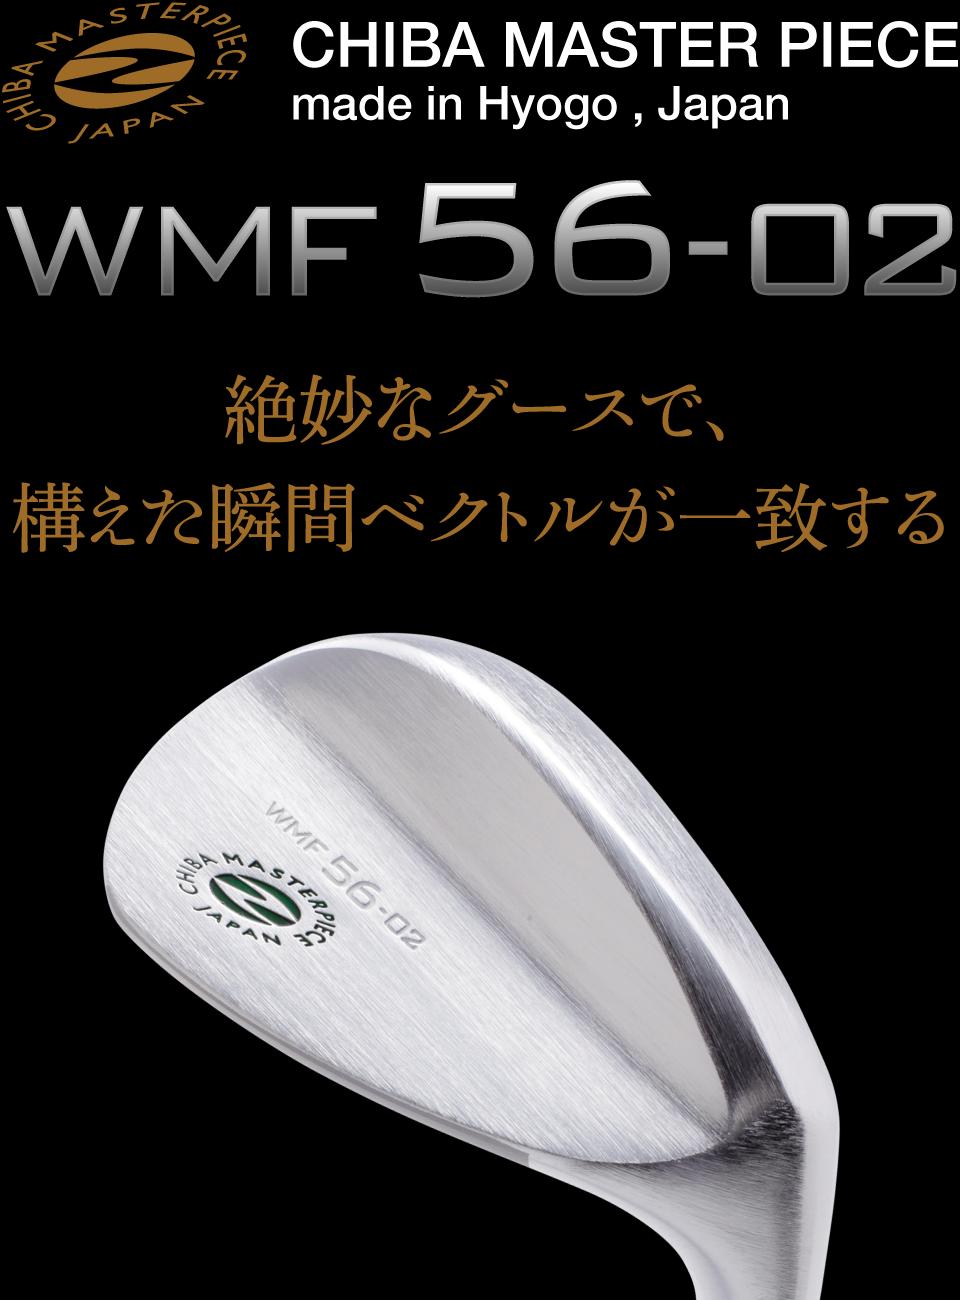 絶妙なグースで、構えた瞬間ベクトルが一致する WMF56-02